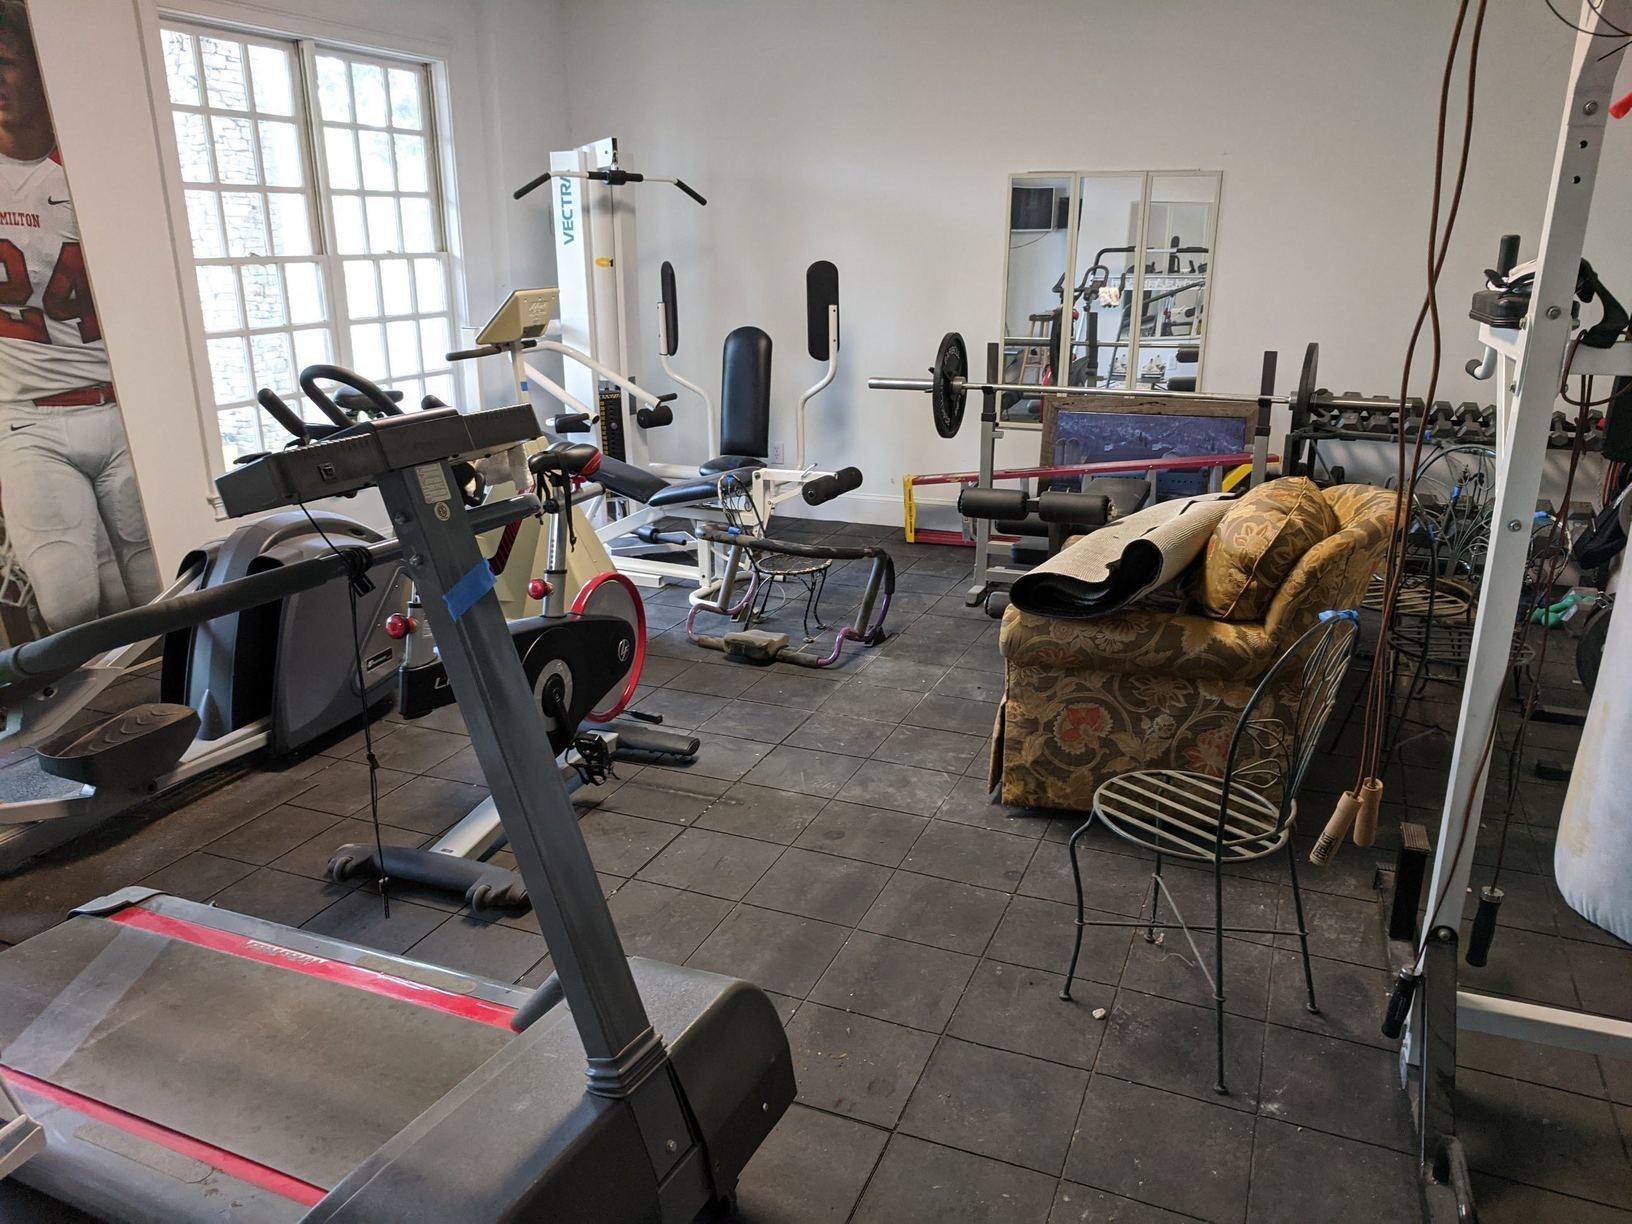 Exercise Equipment Removal in Alpharetta, GA - Before Photo